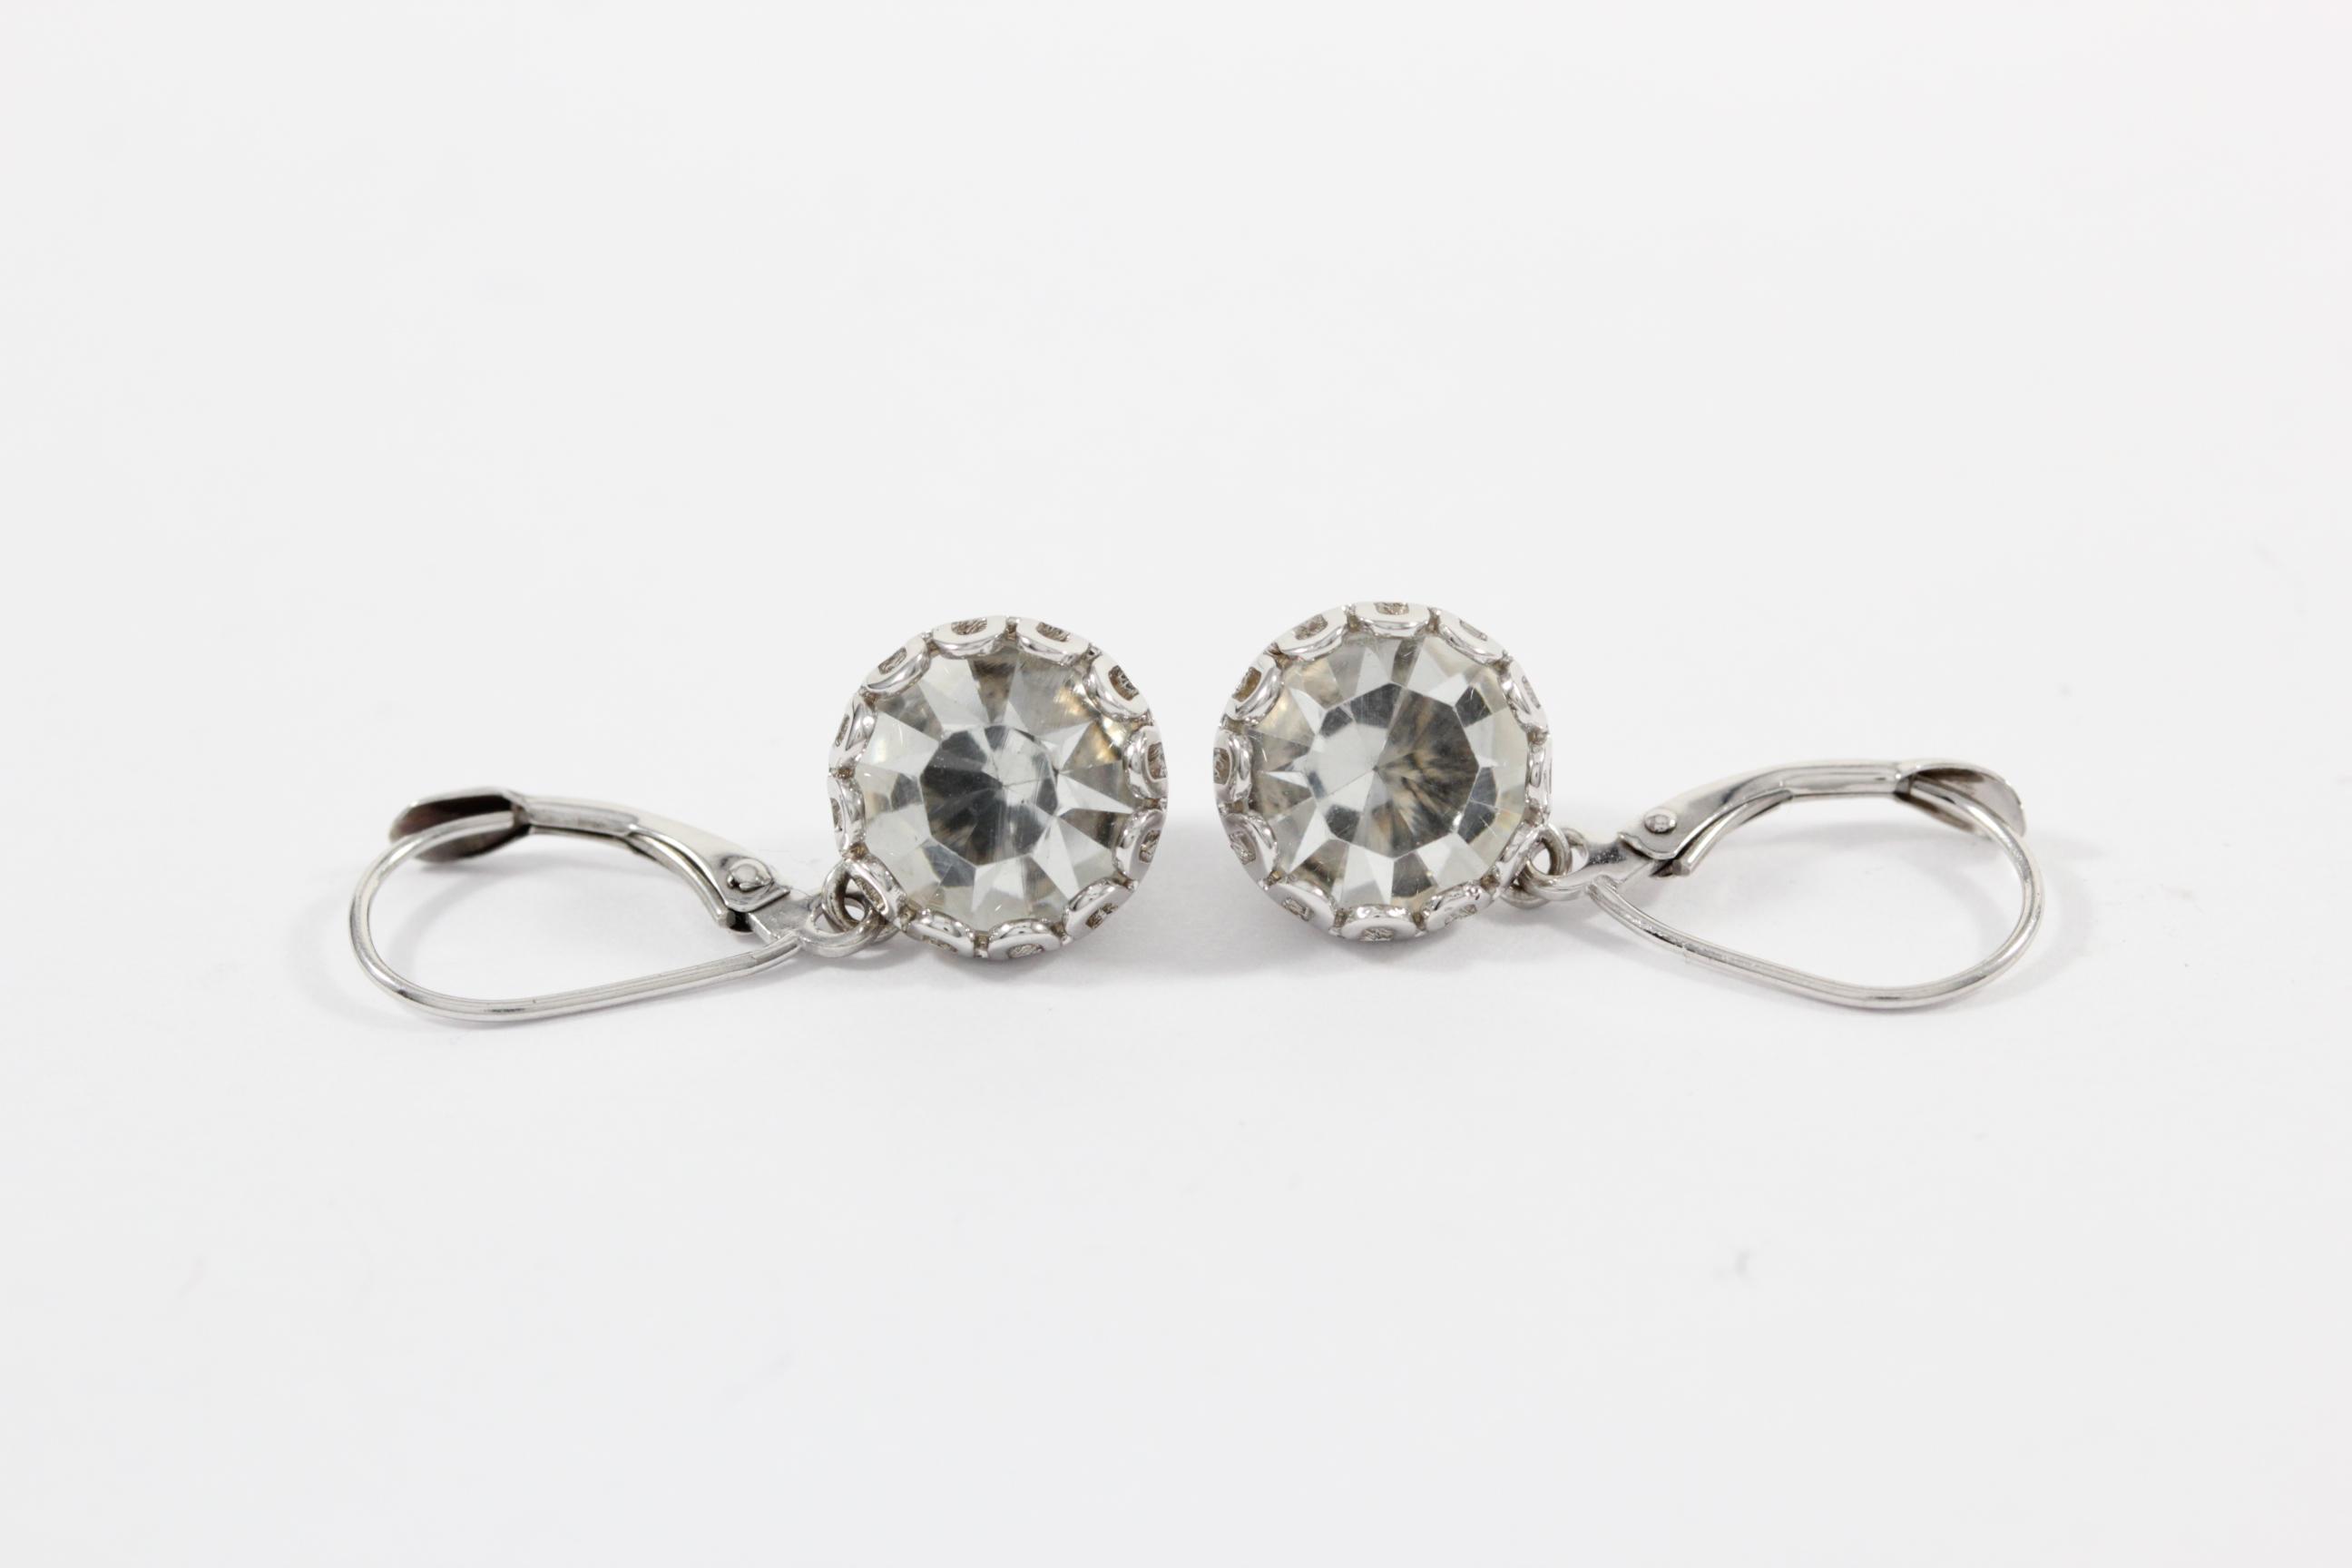 antique-jewelry-earrings